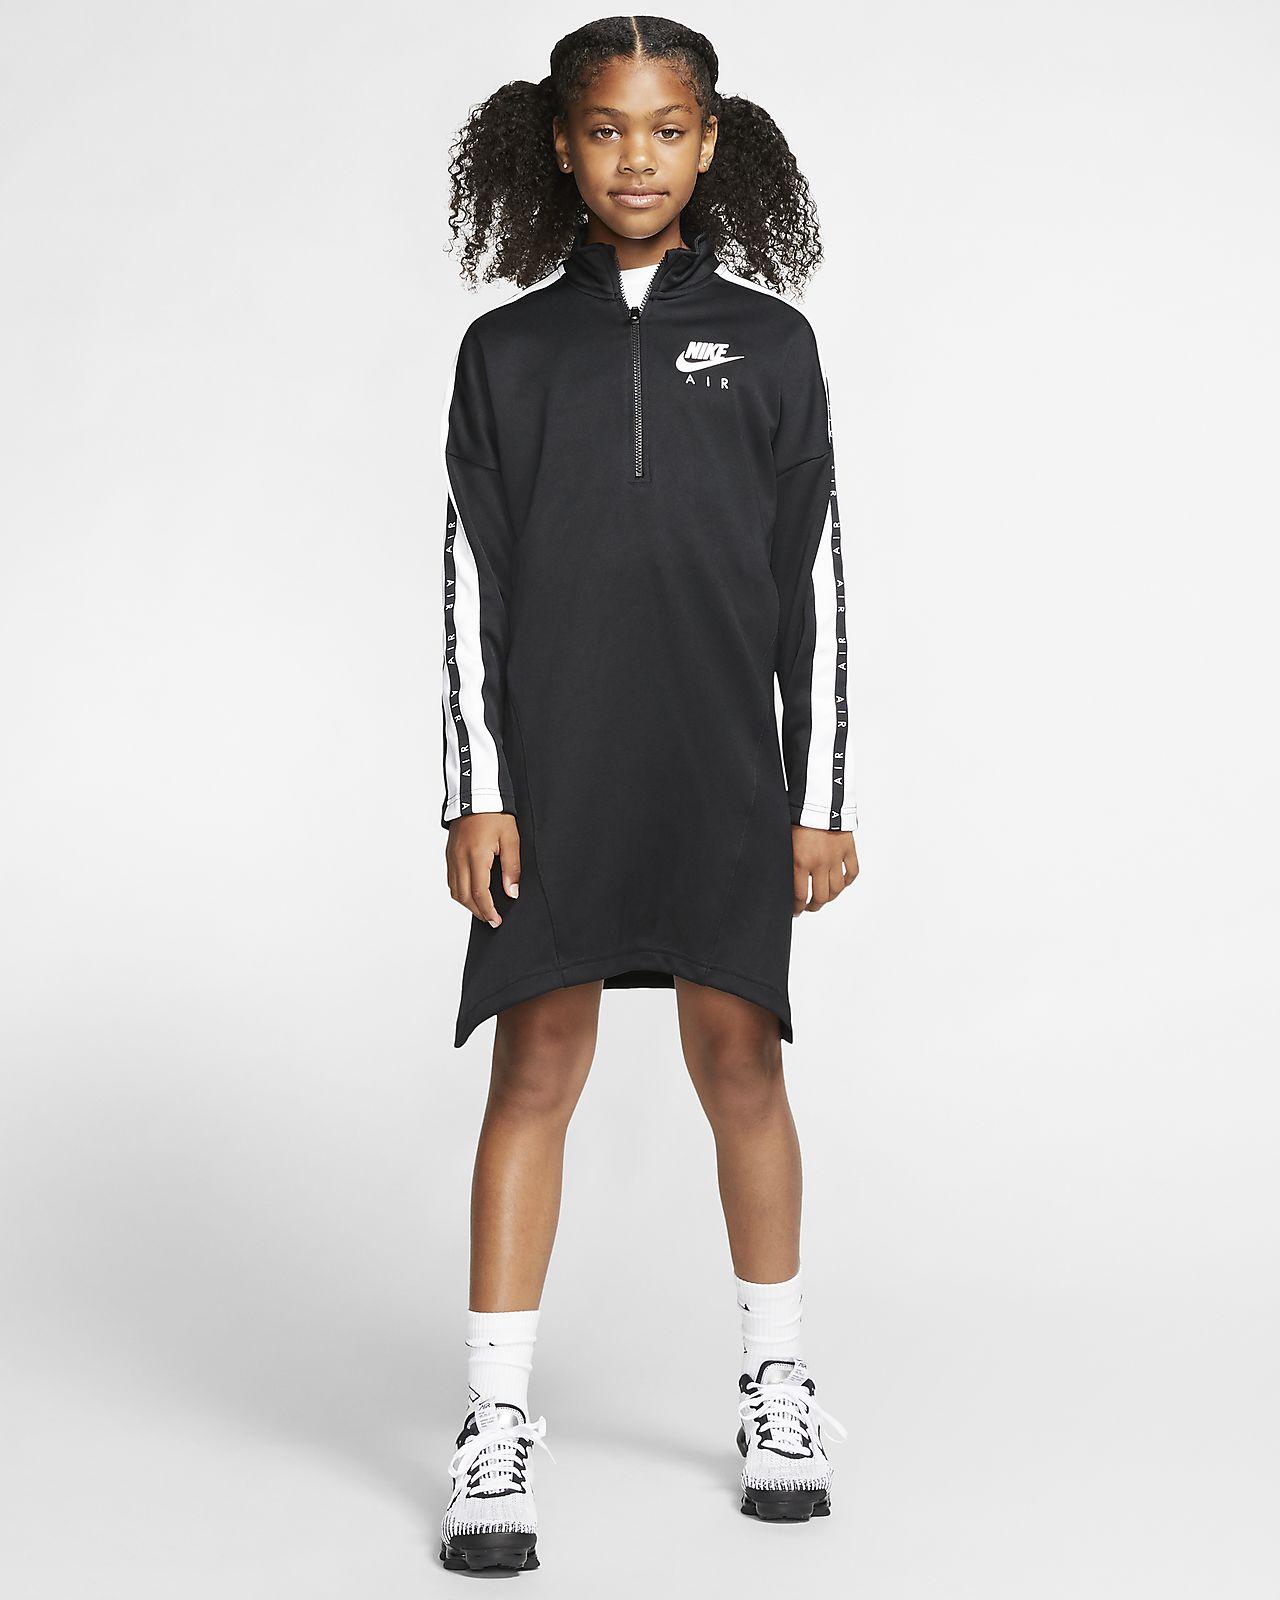 Nike Air-kjole til store børn (piger)